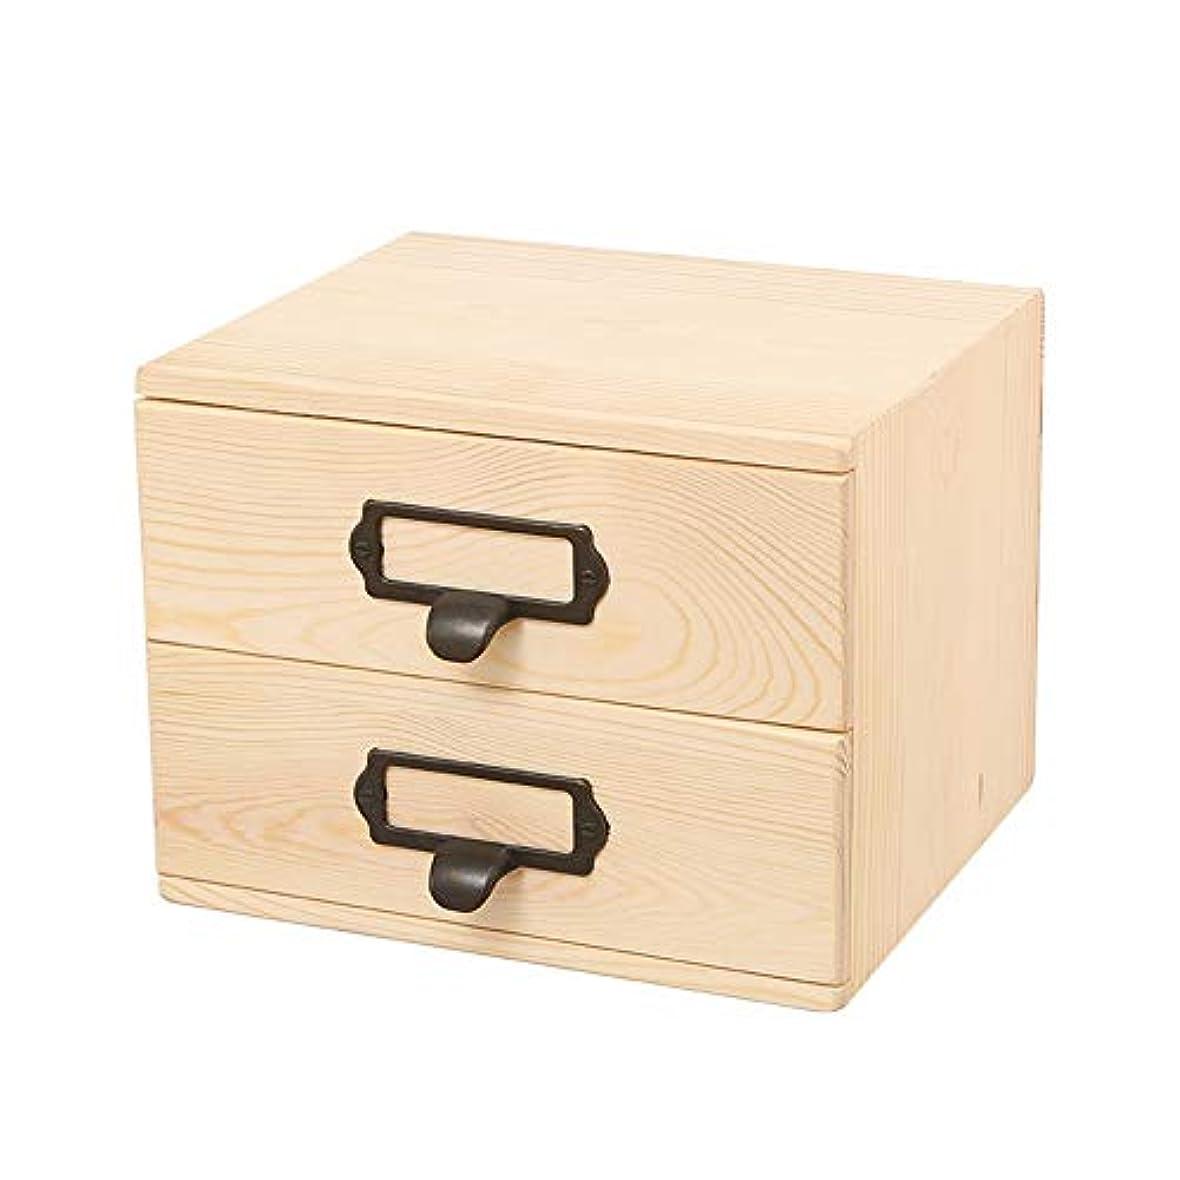 問い合わせる郵便物祝福2ティア木エッセンシャルオイルボックスオーガナイザーパーフェクトエッセンシャルオイルケース アロマセラピー製品 (色 : Natural, サイズ : 23.5X19.5X17.5CM)